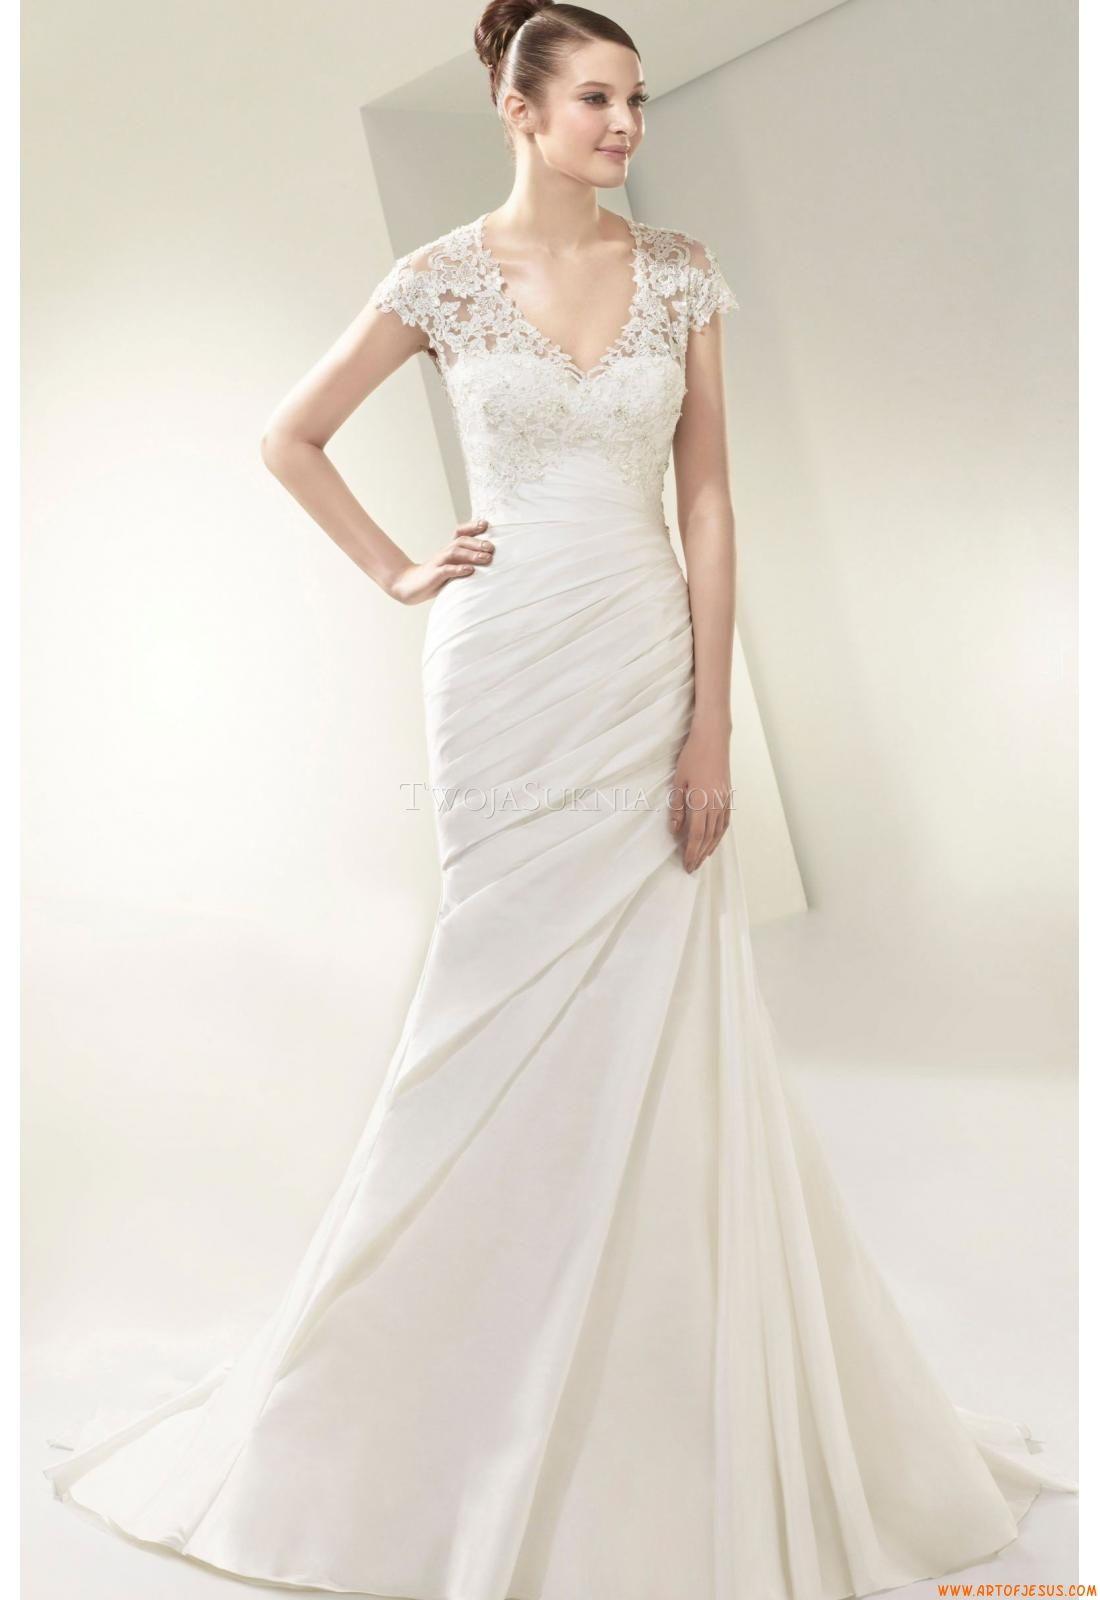 Elegant wedding dresses for mature brides  Wedding Dresses Enzoani BT Beautiful   Wedding Dresses